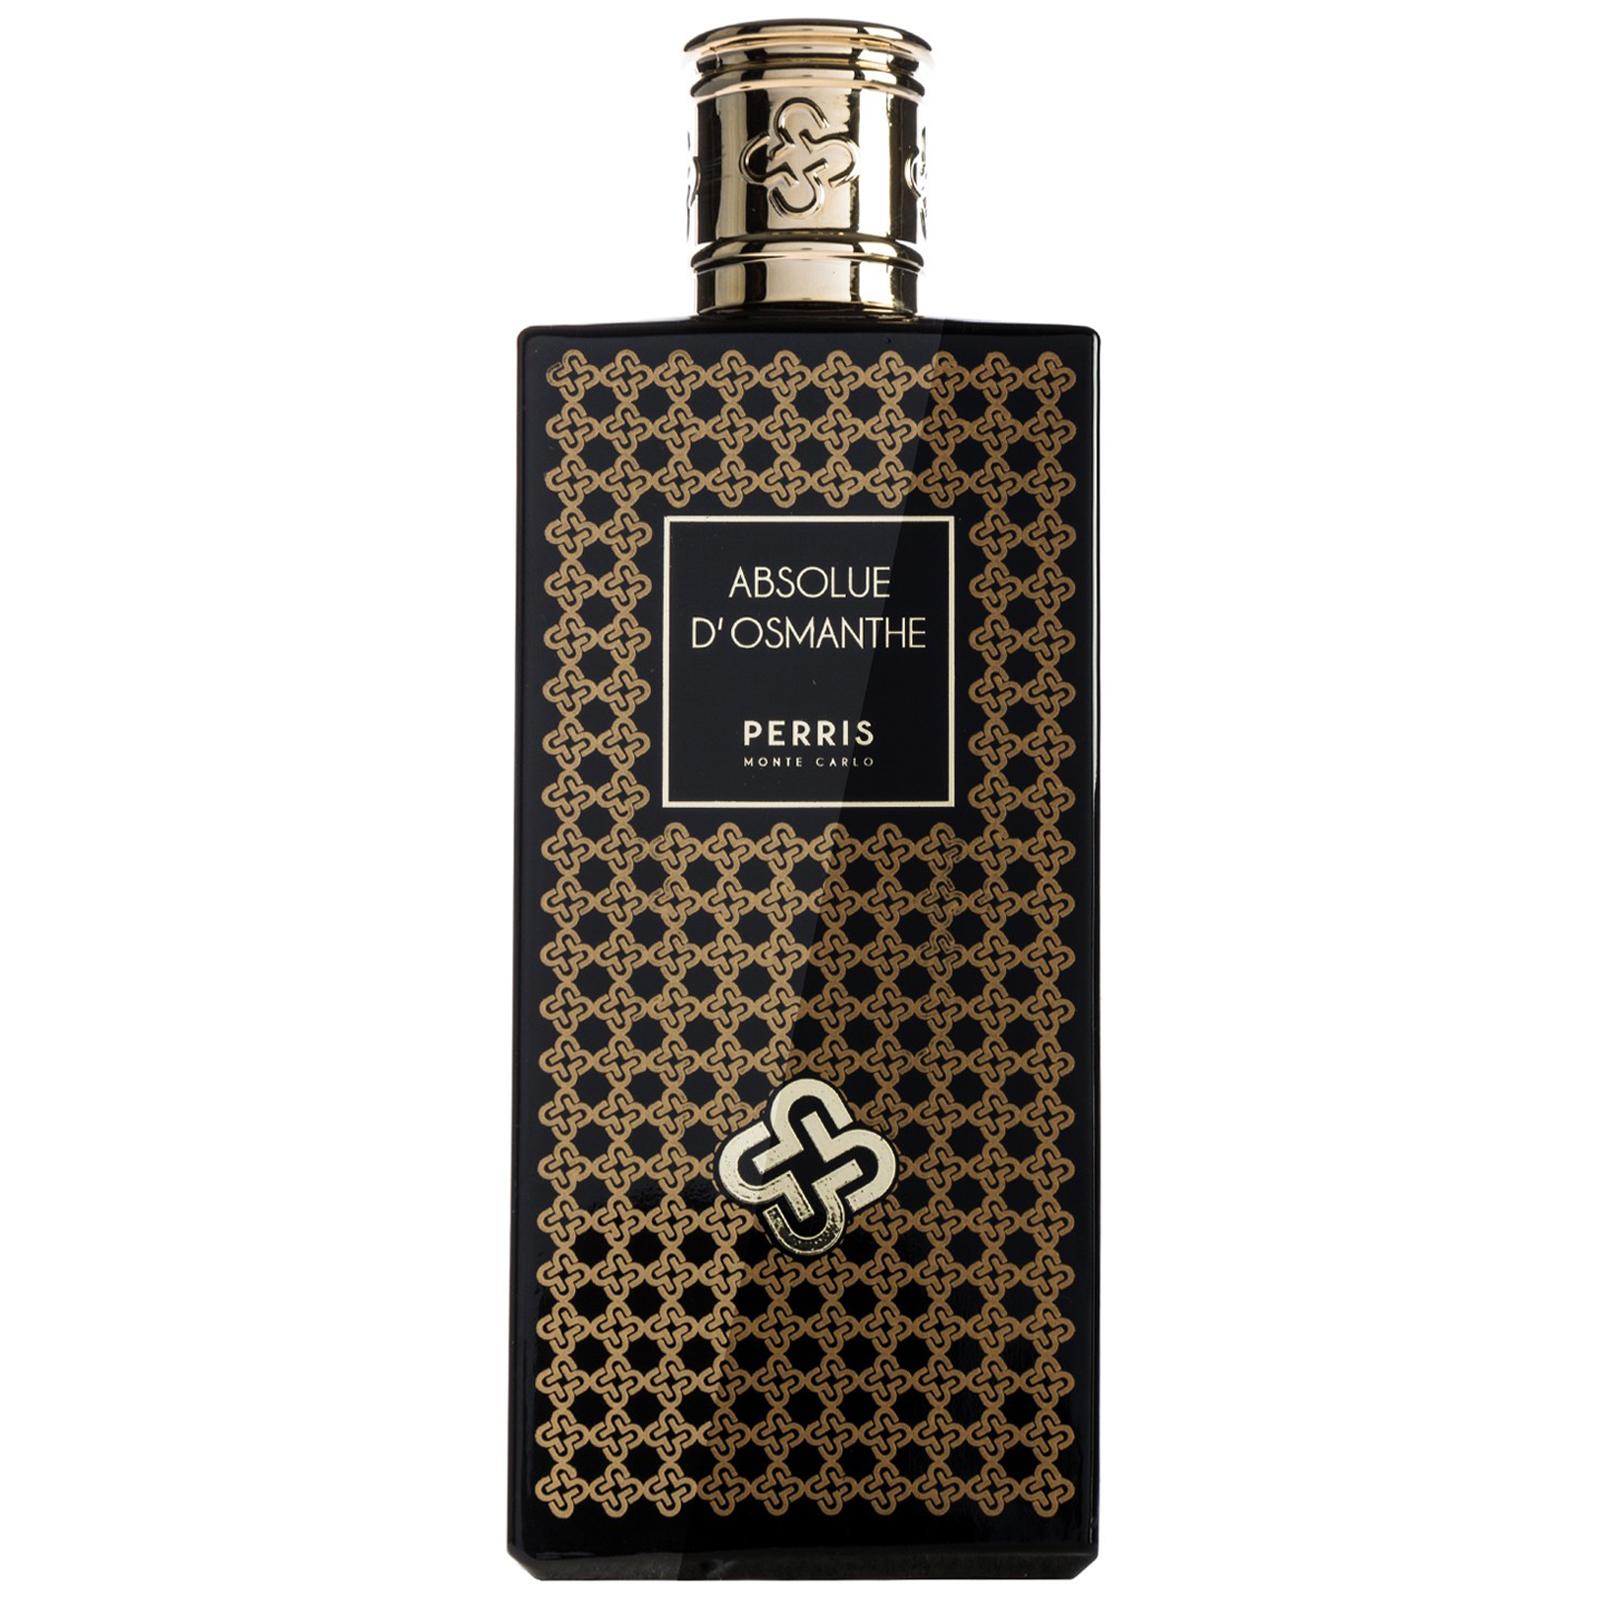 Absolue d'osmanthe profumo eau de parfum 100 ml